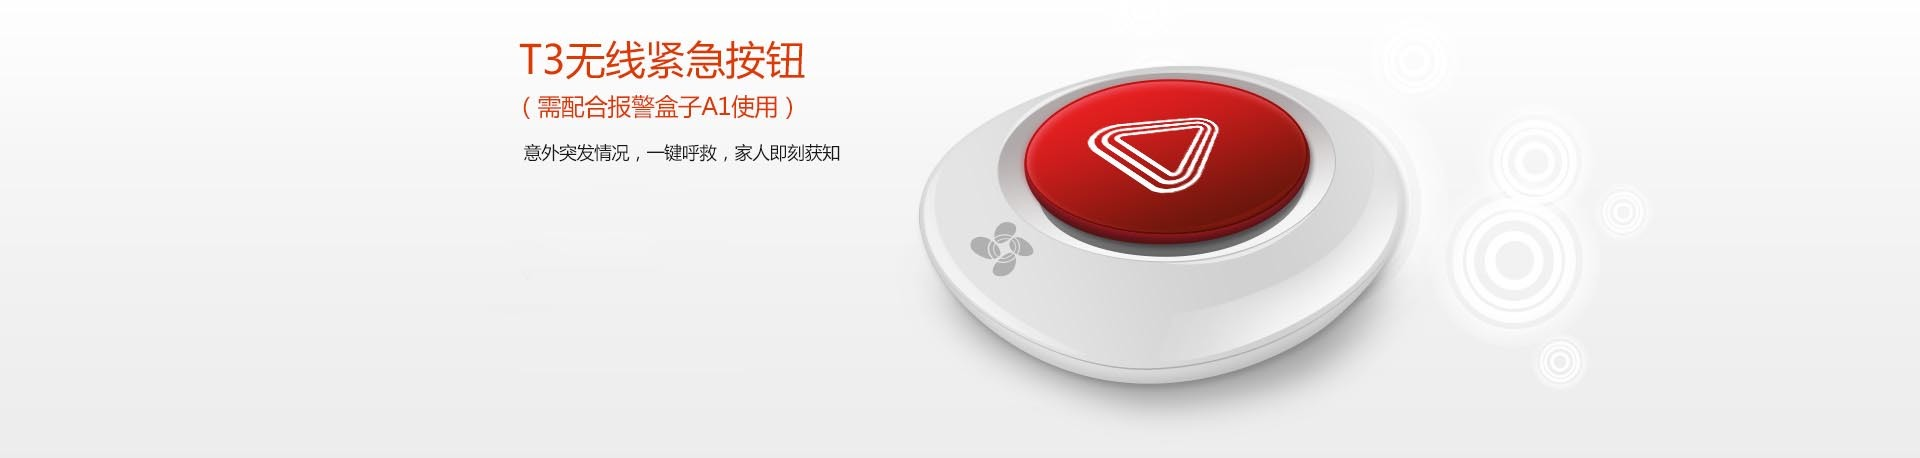 T3无线紧急按钮.jpg